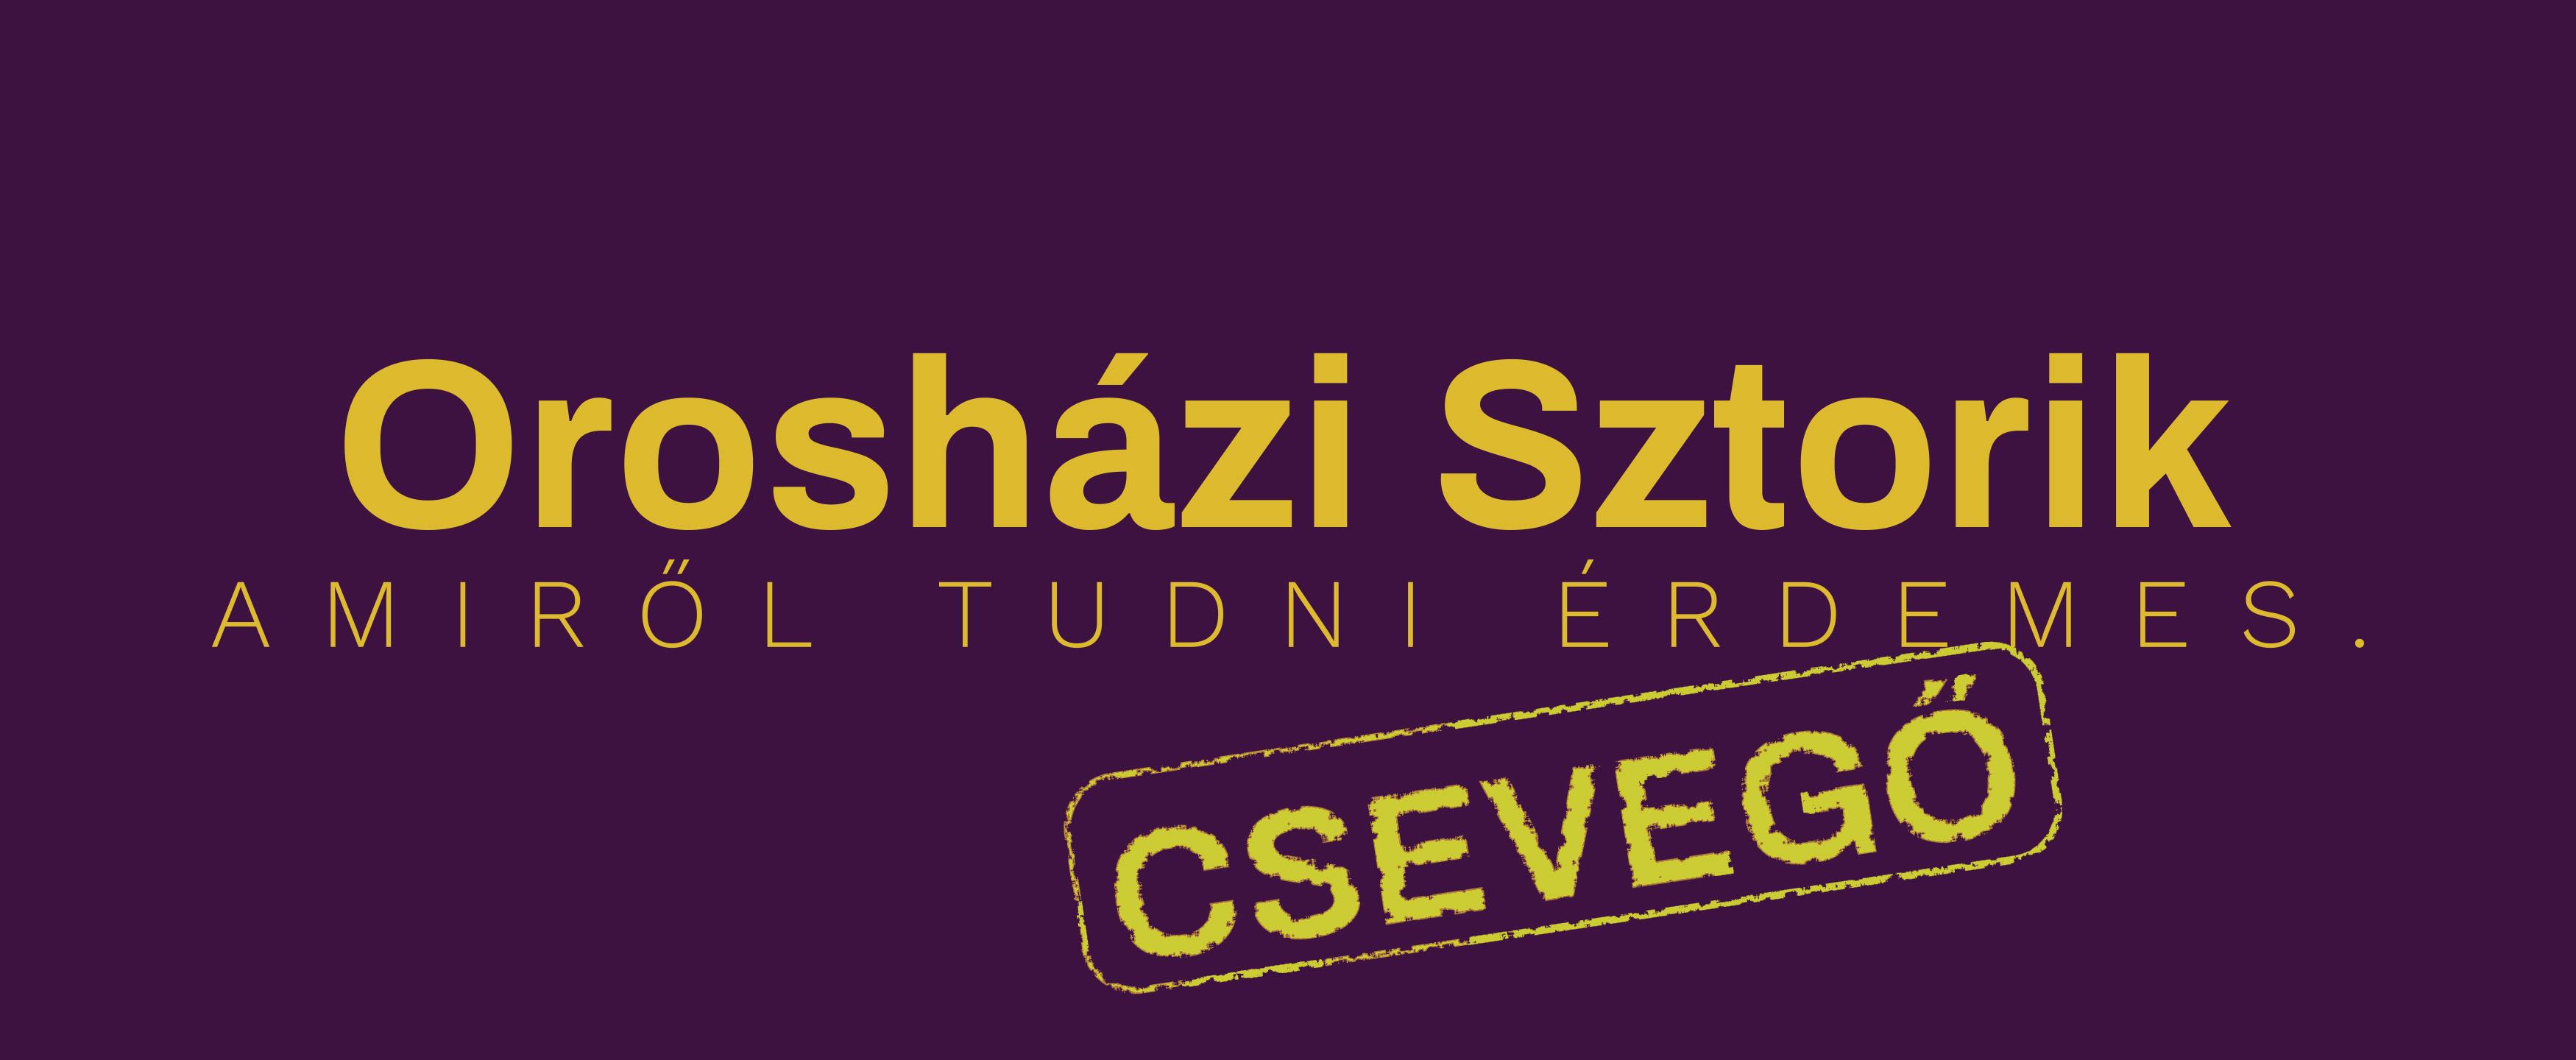 cseveg_cover_1.jpg